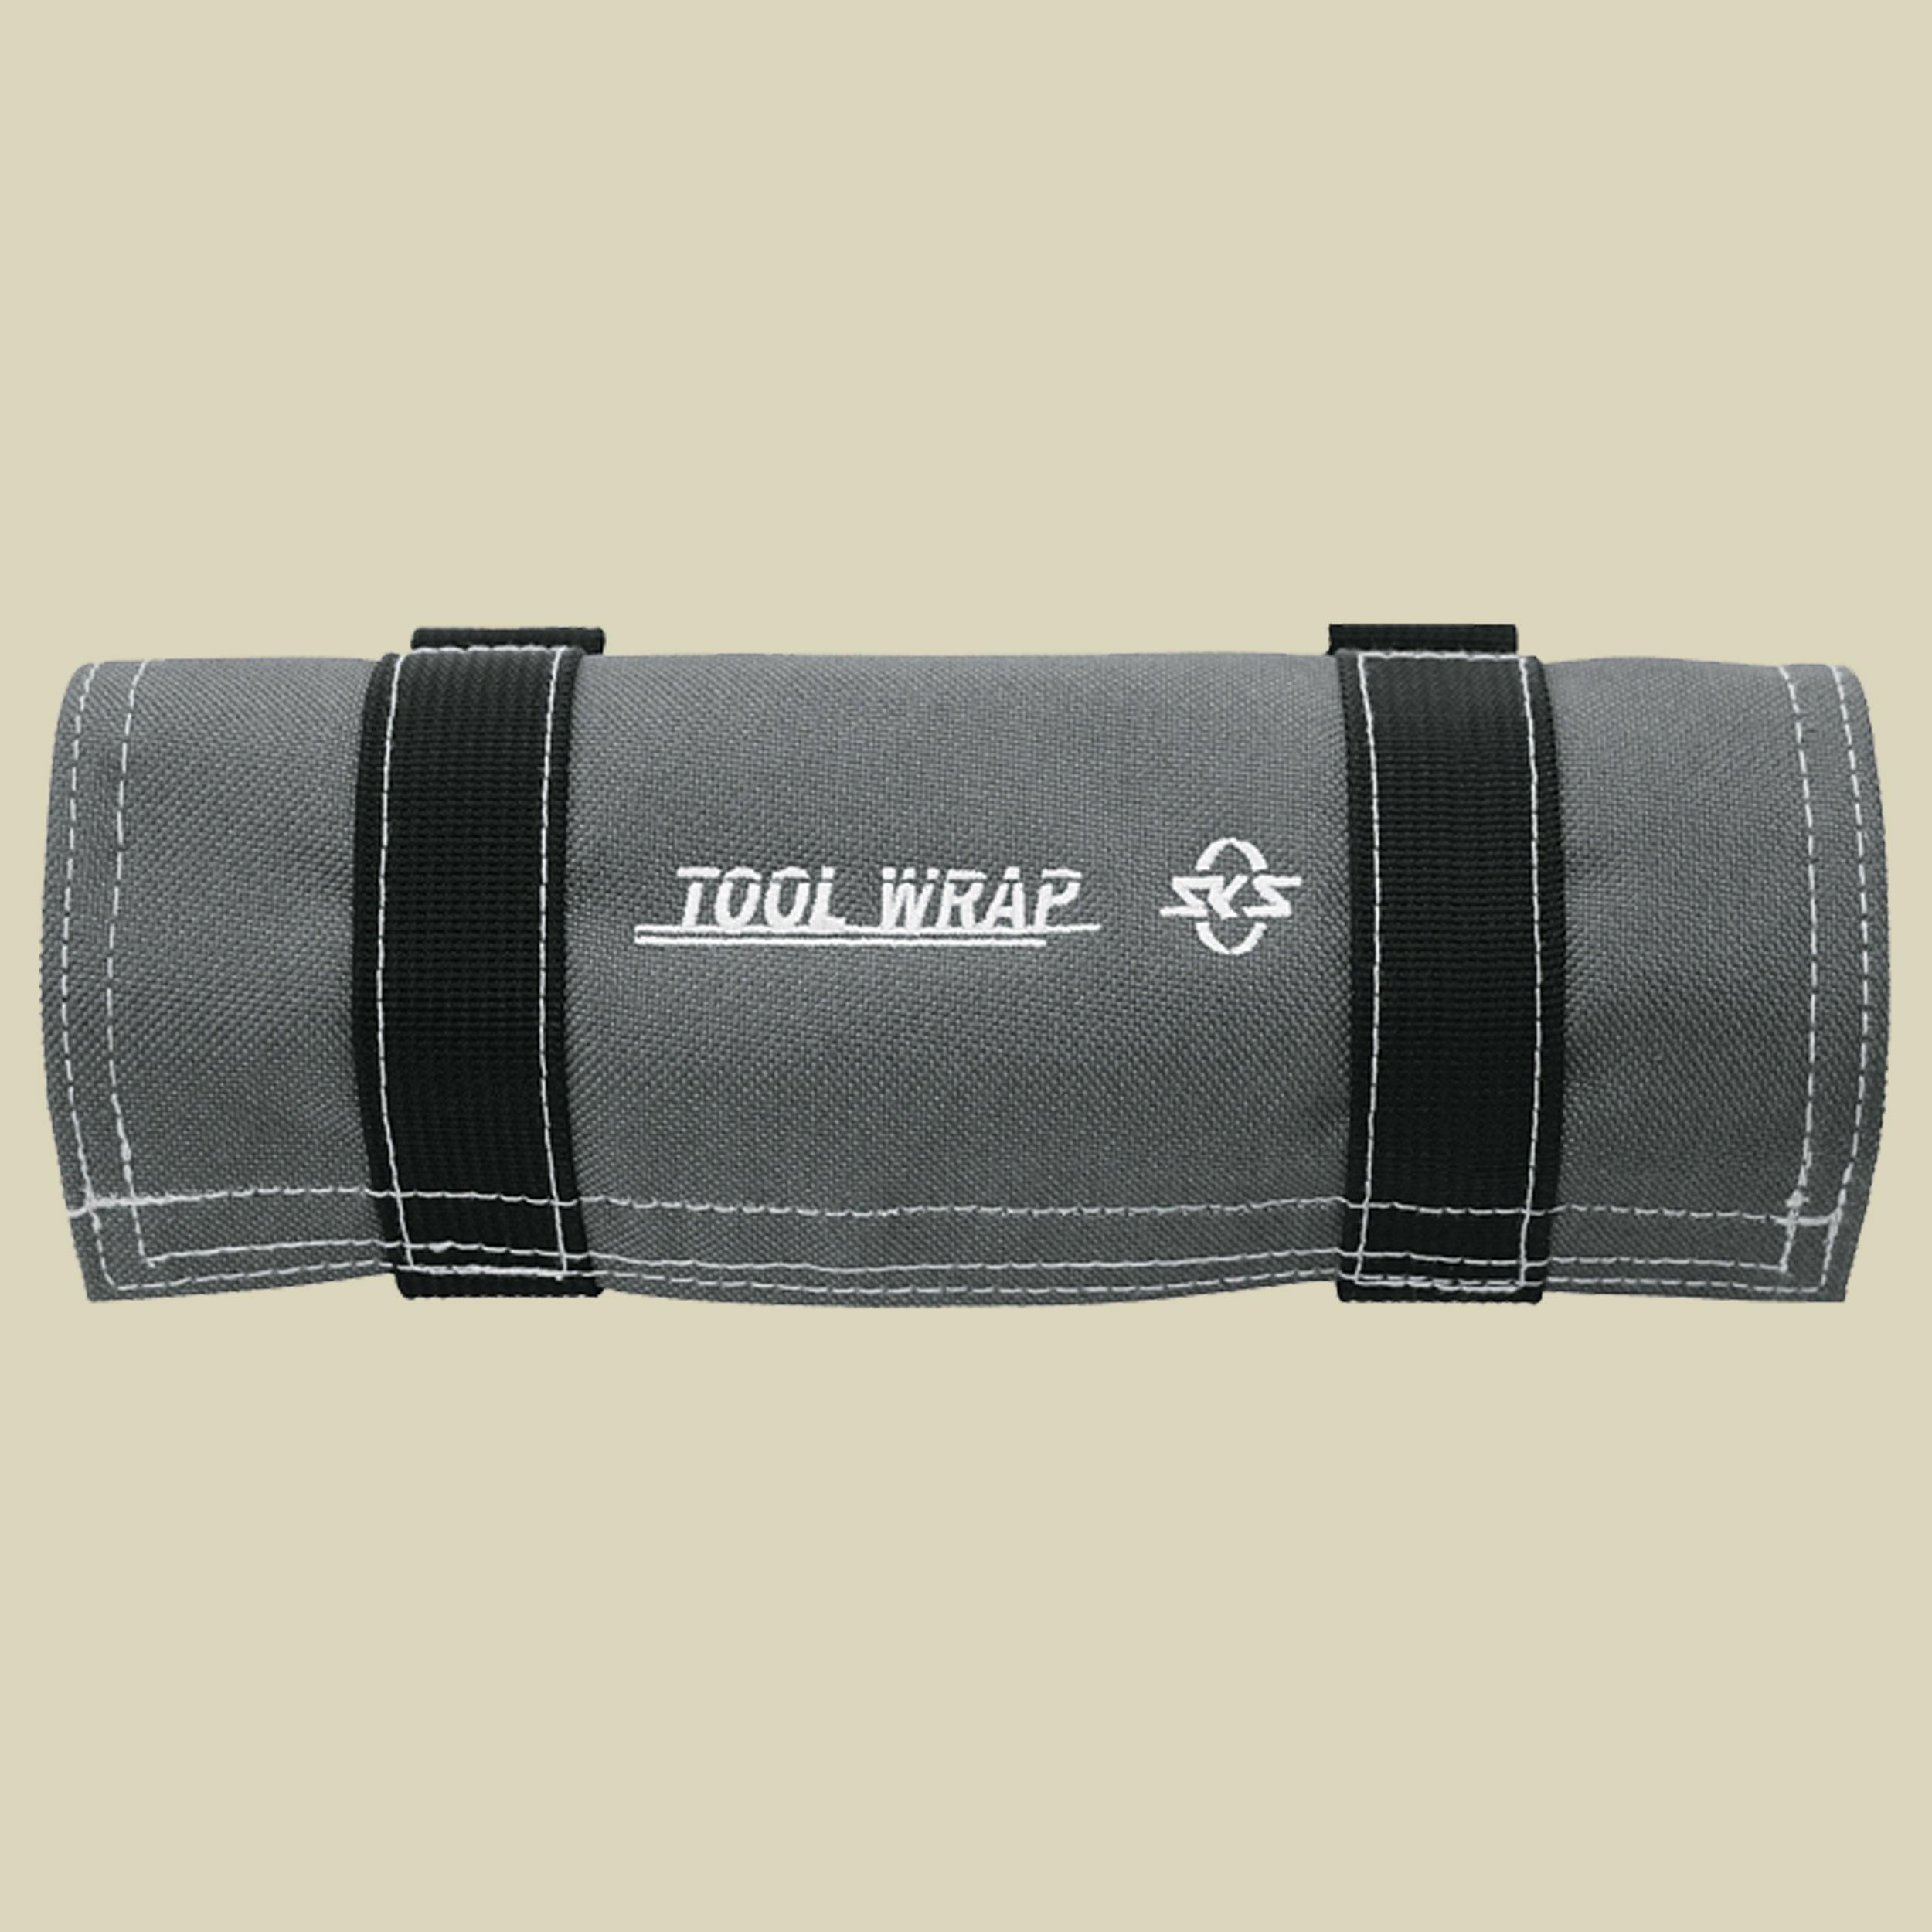 sks_11094_fahrradtasche_tool_wrap_fallback.jpg